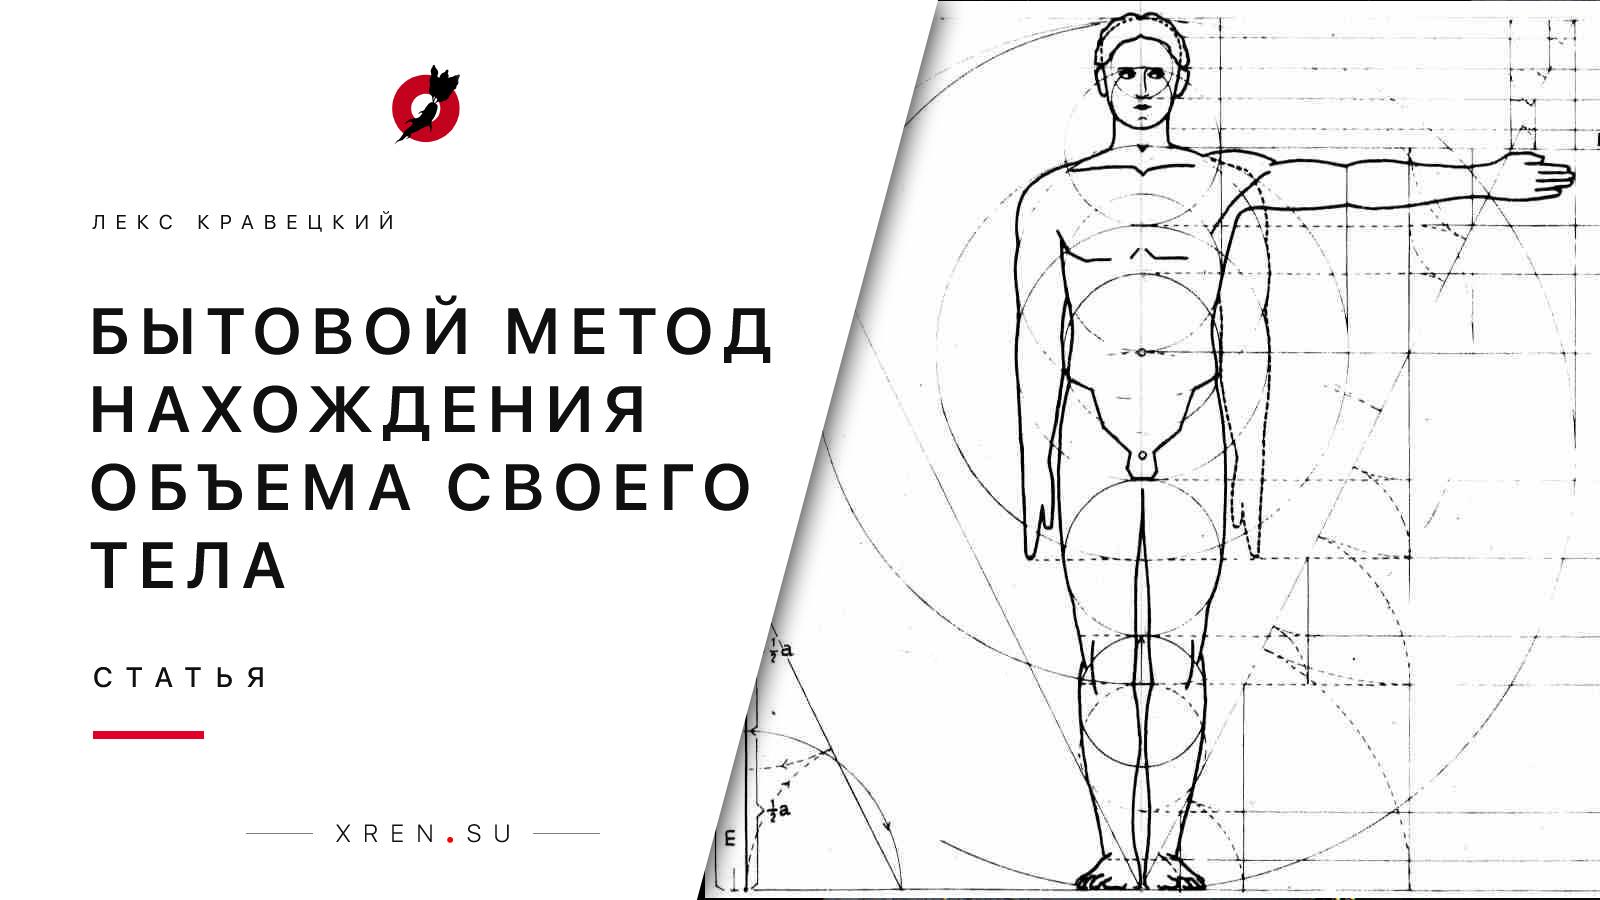 Бытовой метод нахождения объёма своего тела